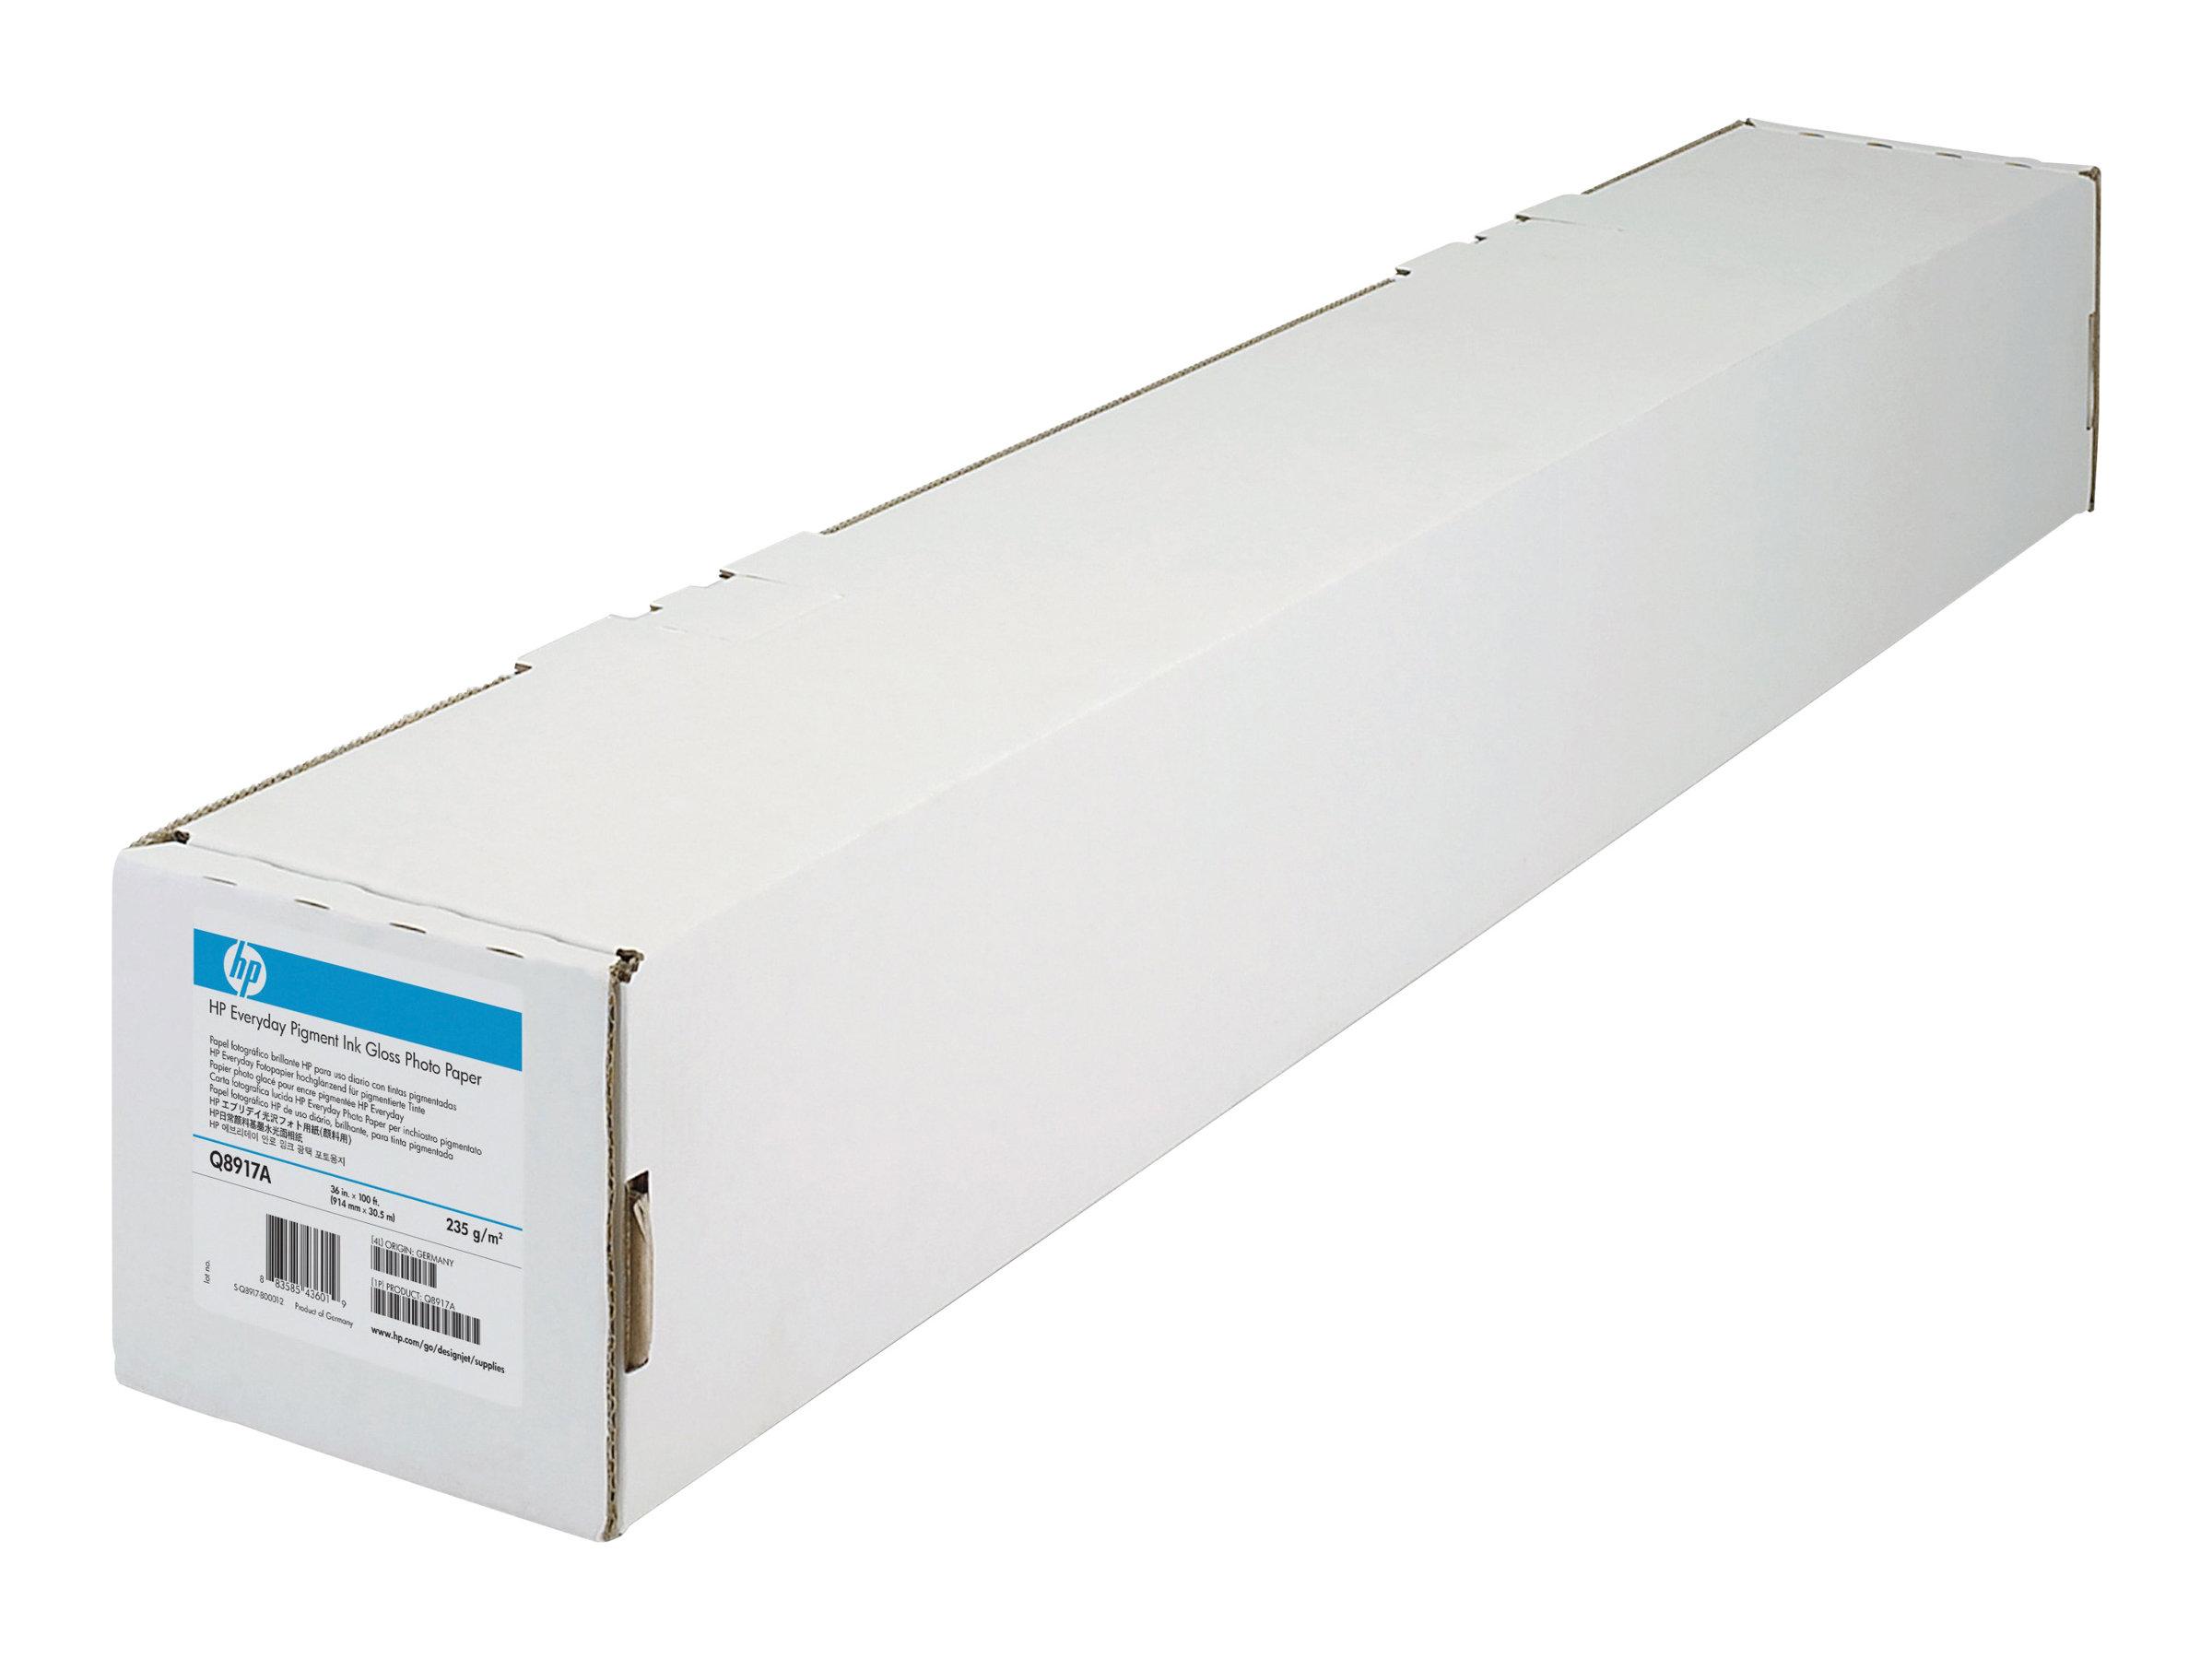 HP Beschichtet - Rolle A1 (61,0 cm x 30,5 m) Papier